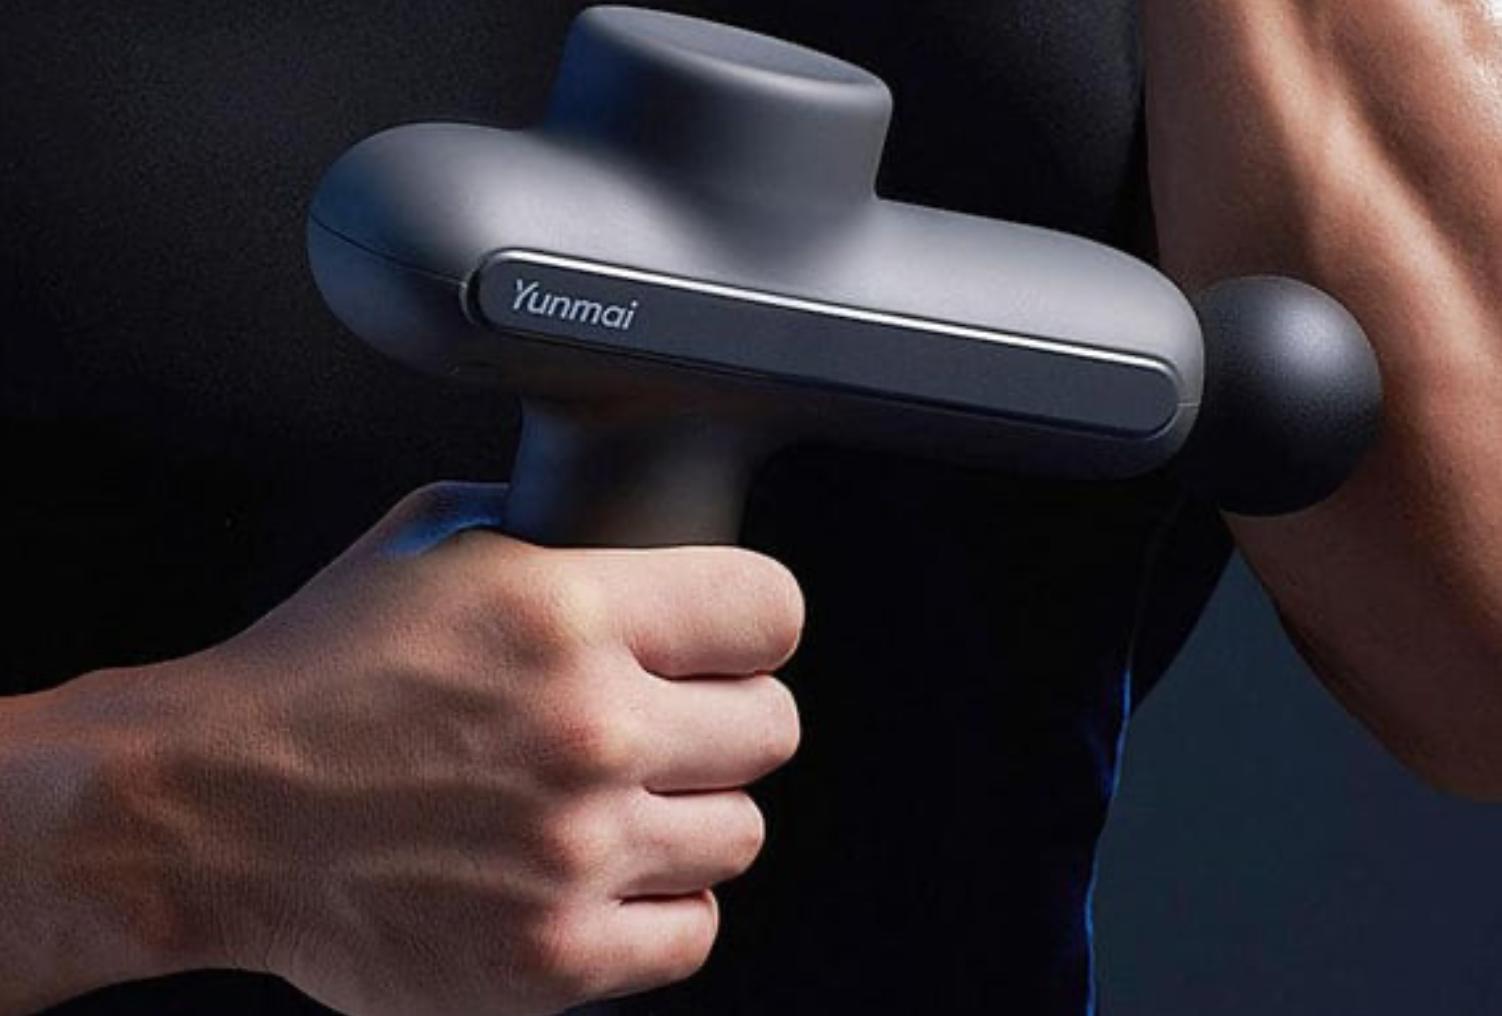 Đánh giá súng massage / súng ngắn Xiaomi Yunmai: Súng cầm tay 2